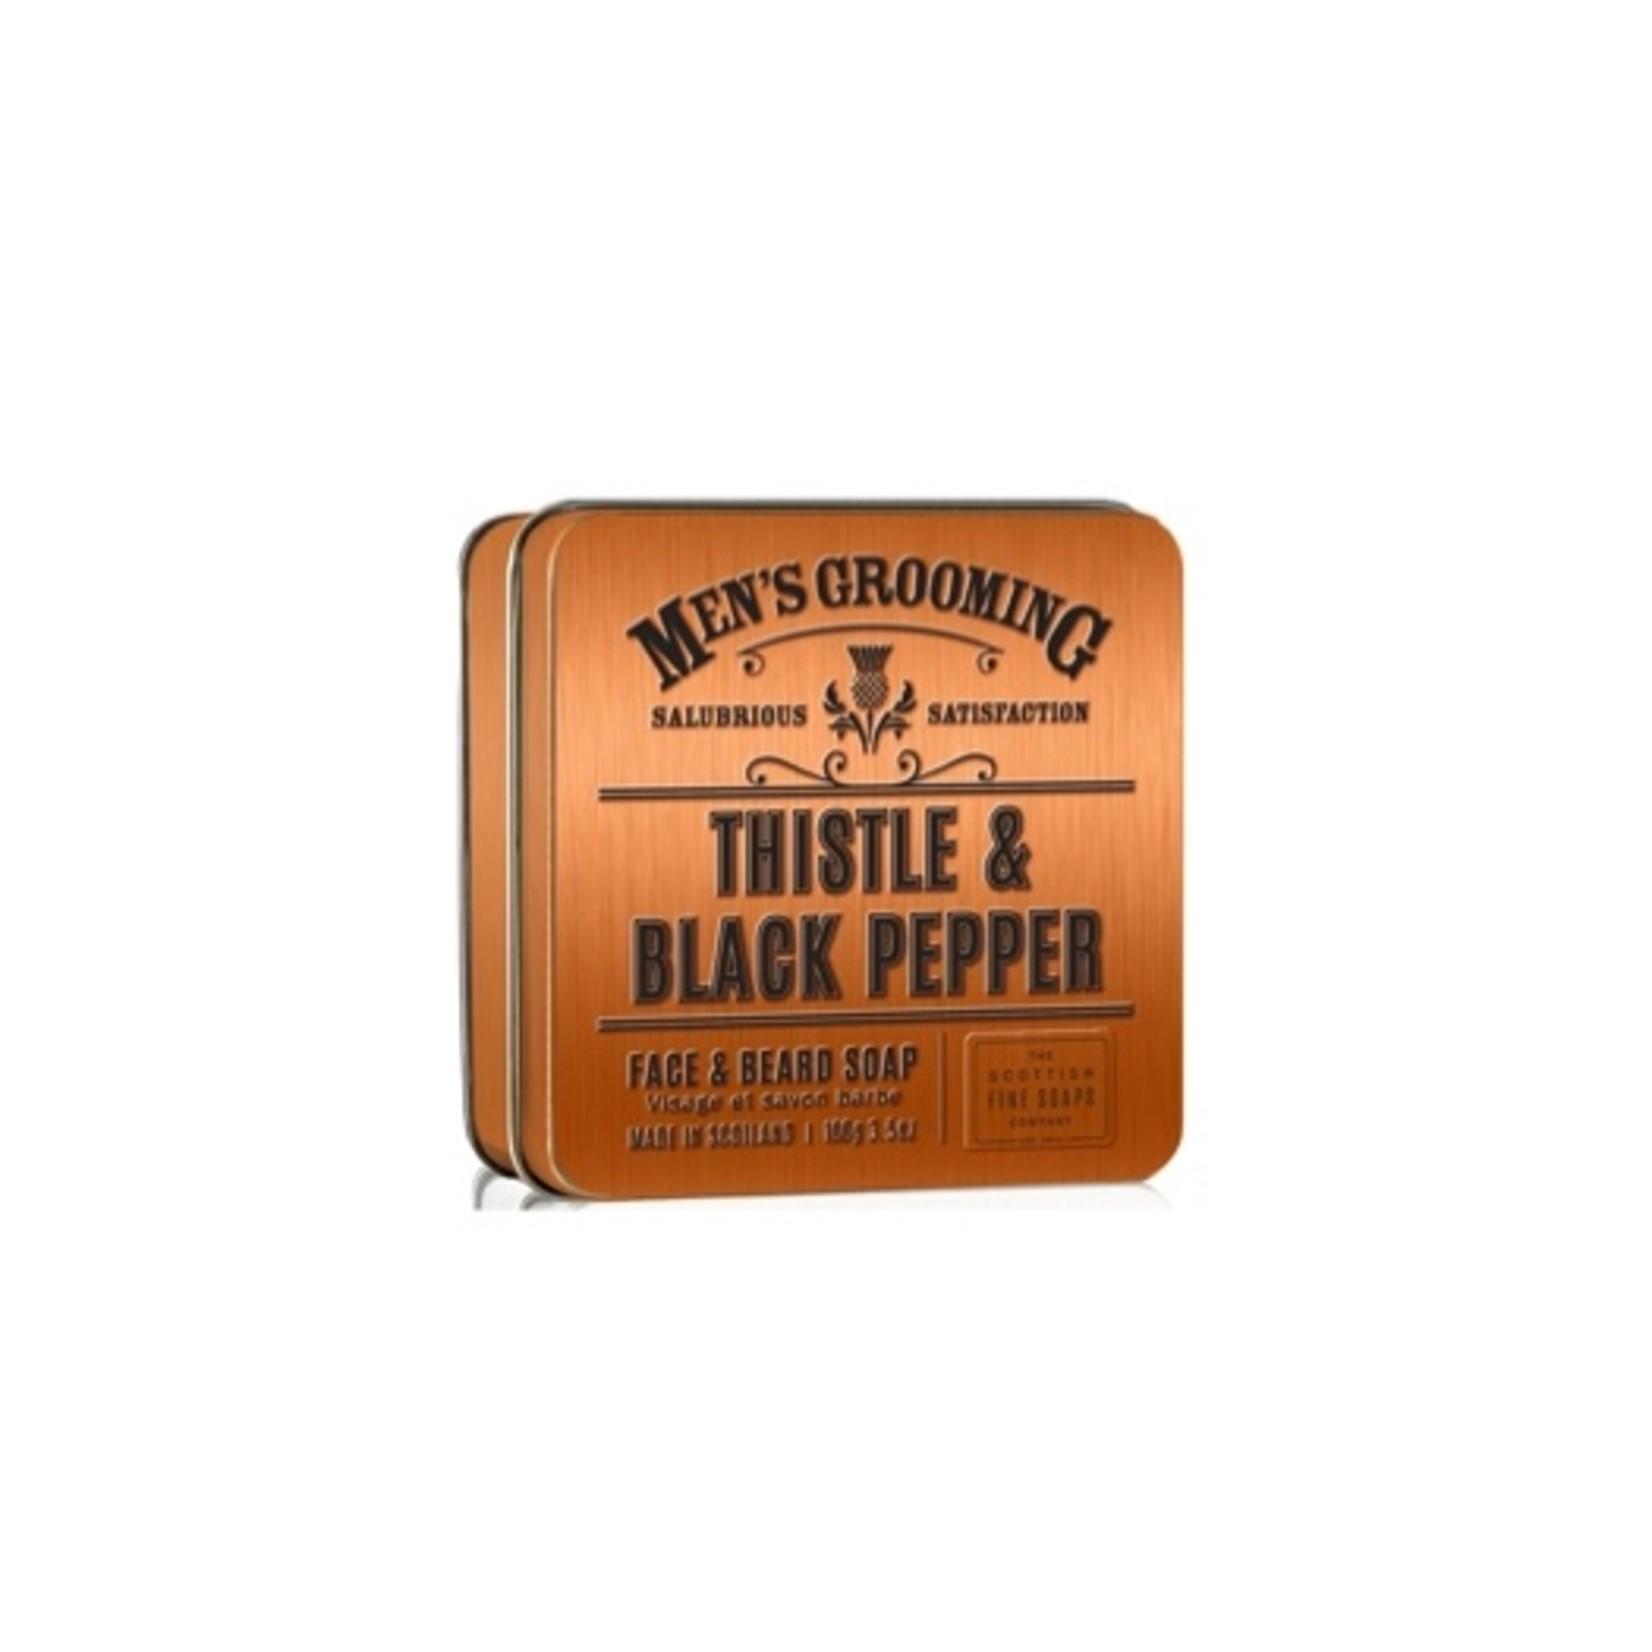 Scottish Fine Soaps Thistle & Black Pepper Face & Beard Soap